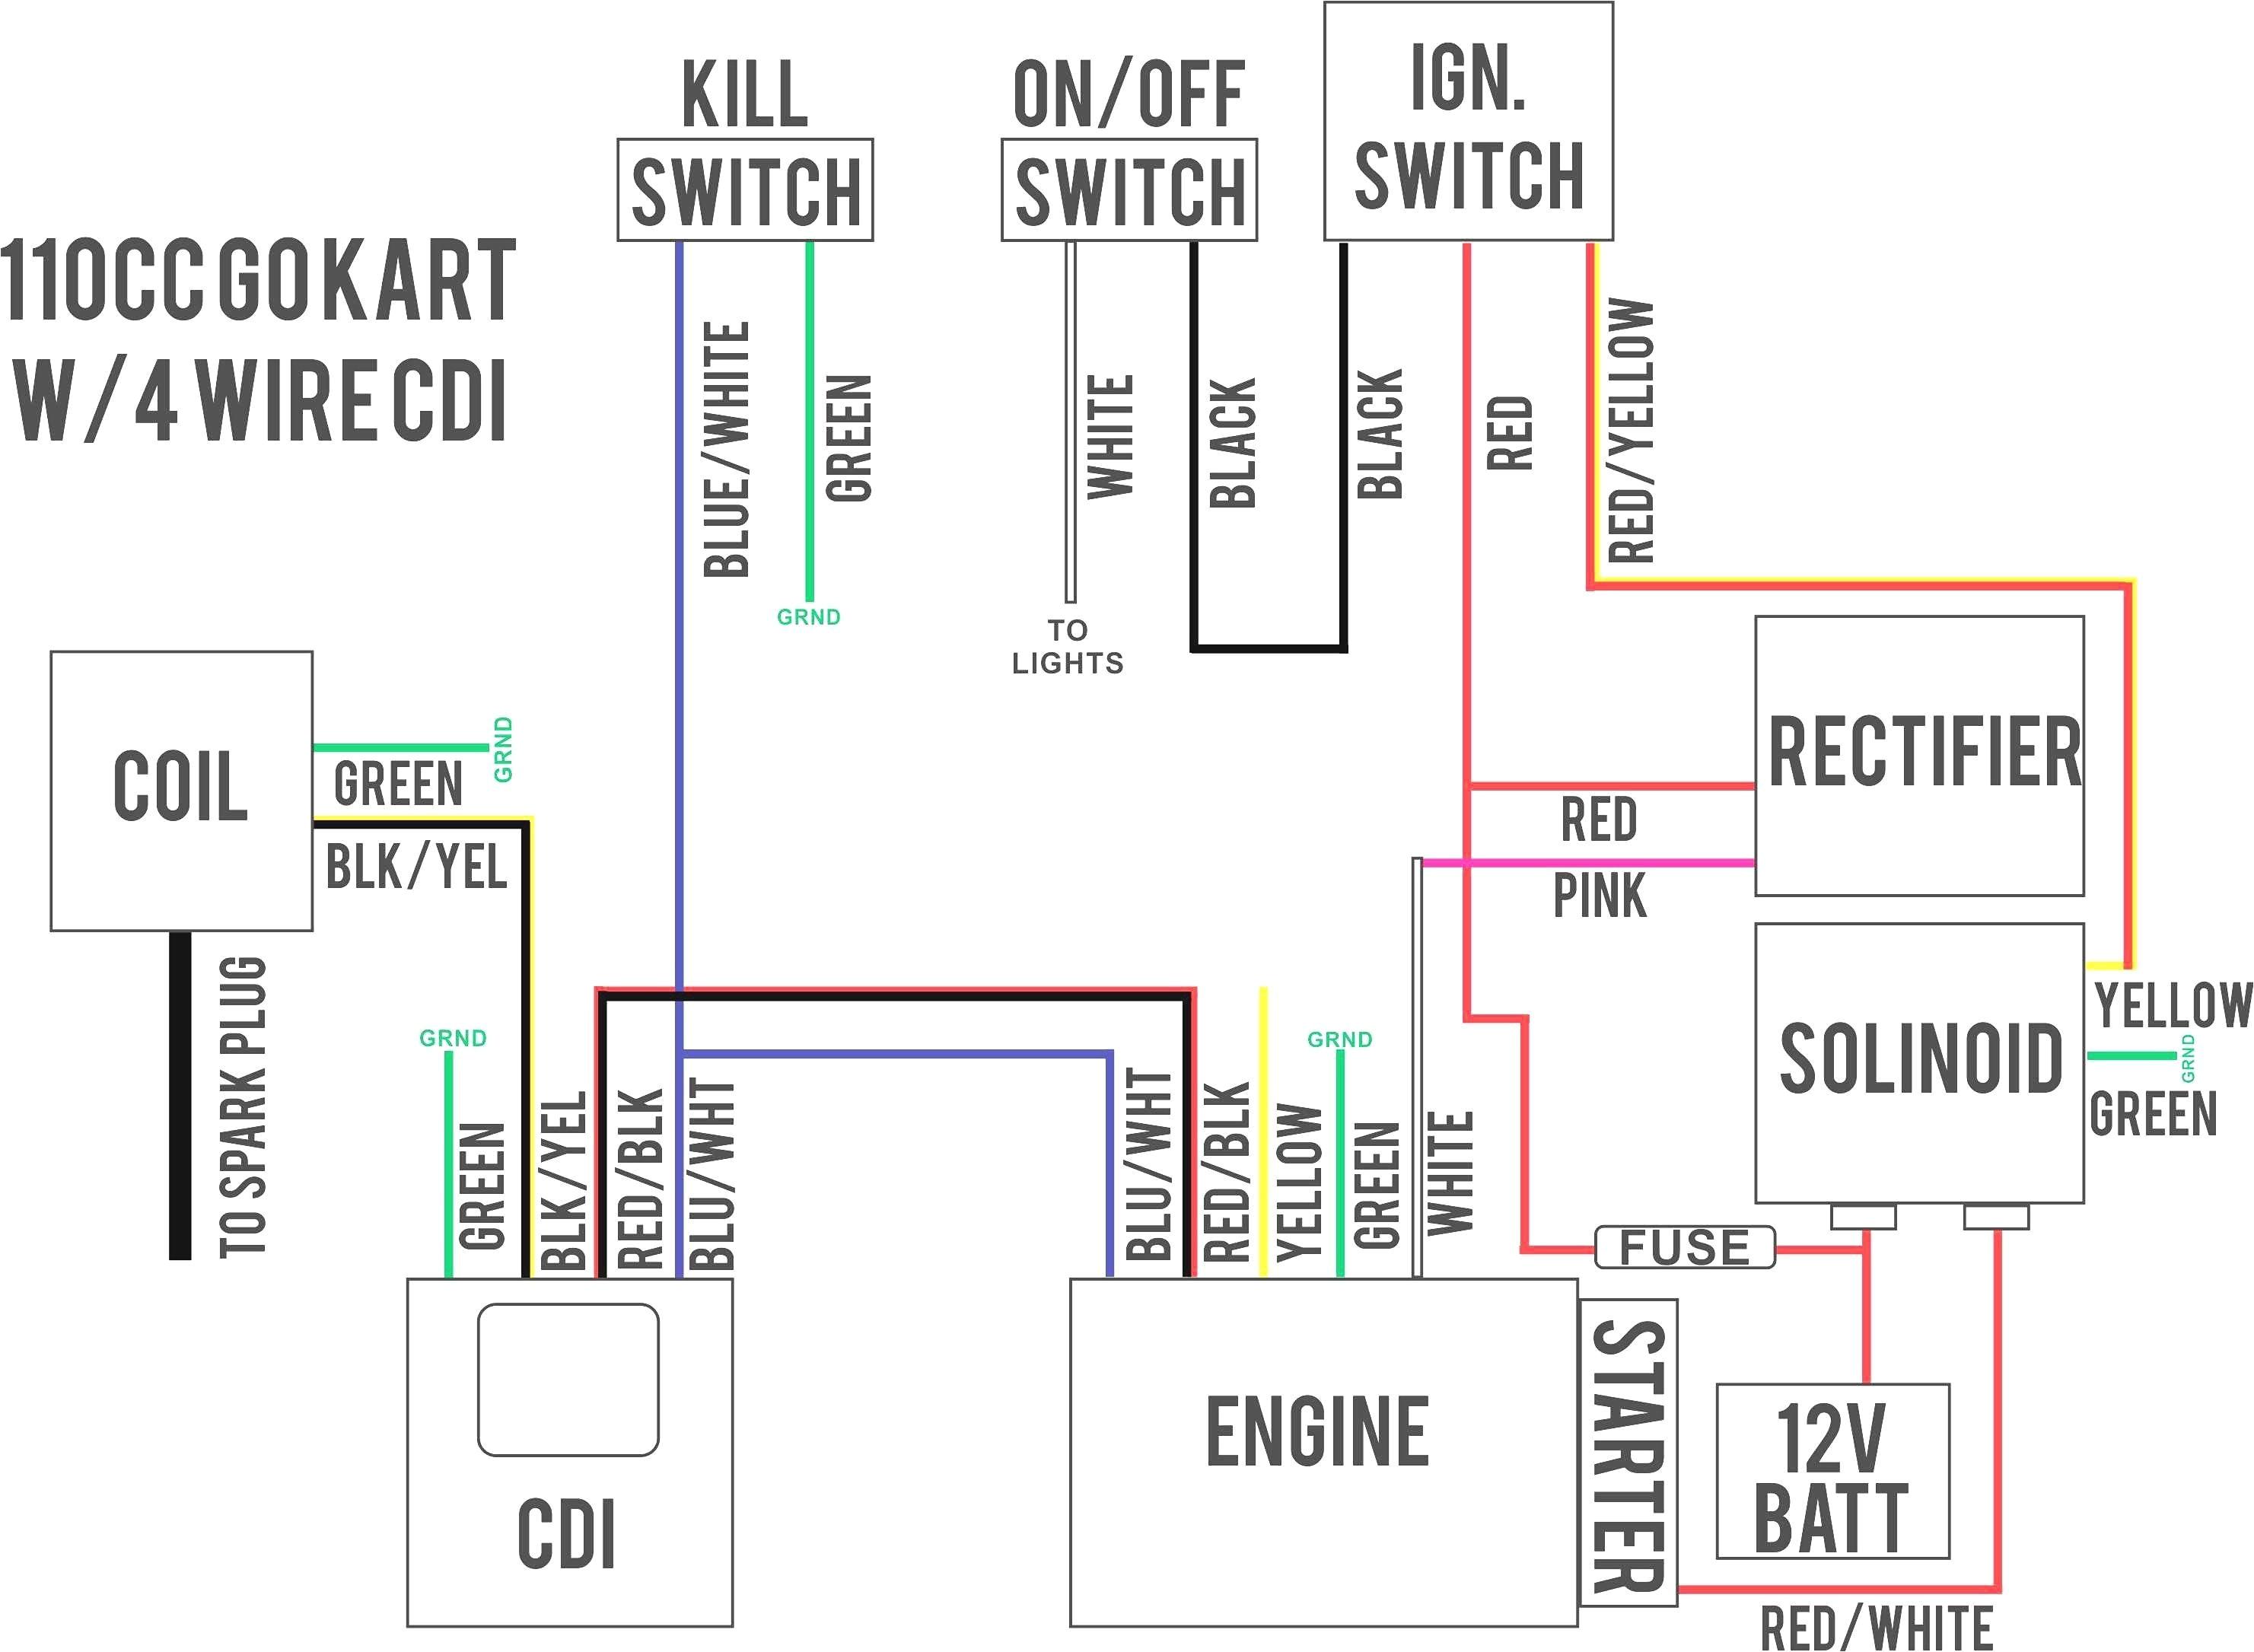 buzzer wiring volvo wiring diagram centre buzzer wiring volvo wiring diagram